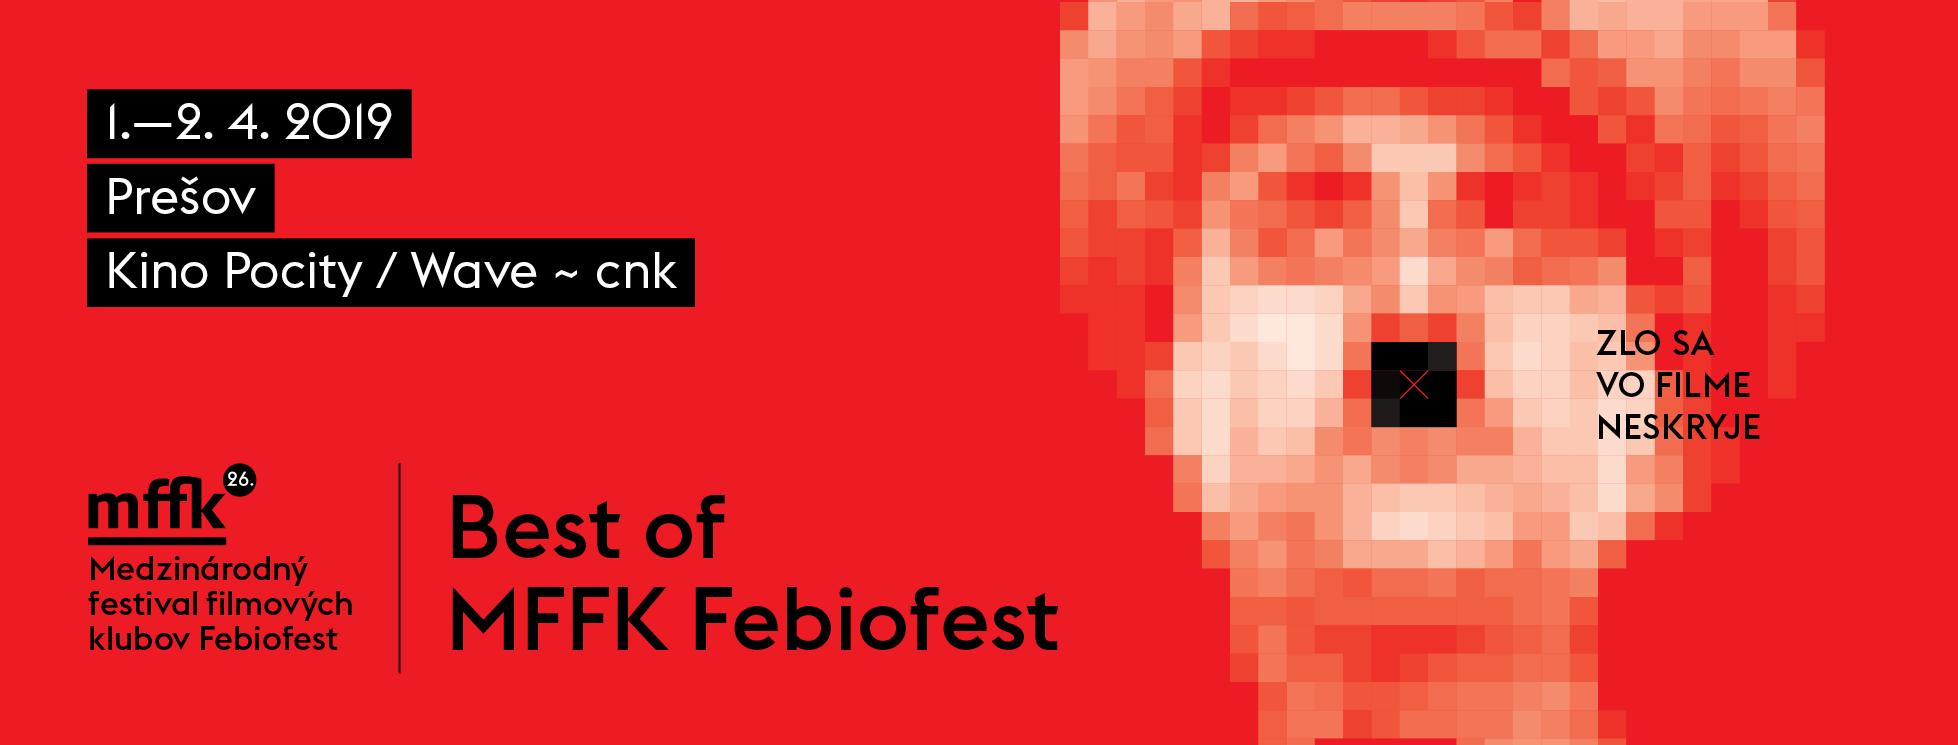 fa080307d V spolupráci s ASFK – Asociácia Slovenských Filmových Klubov vám prinášame  už 26. ročník Medzinárodného festivalu filmocých klubov Febiofest SK.